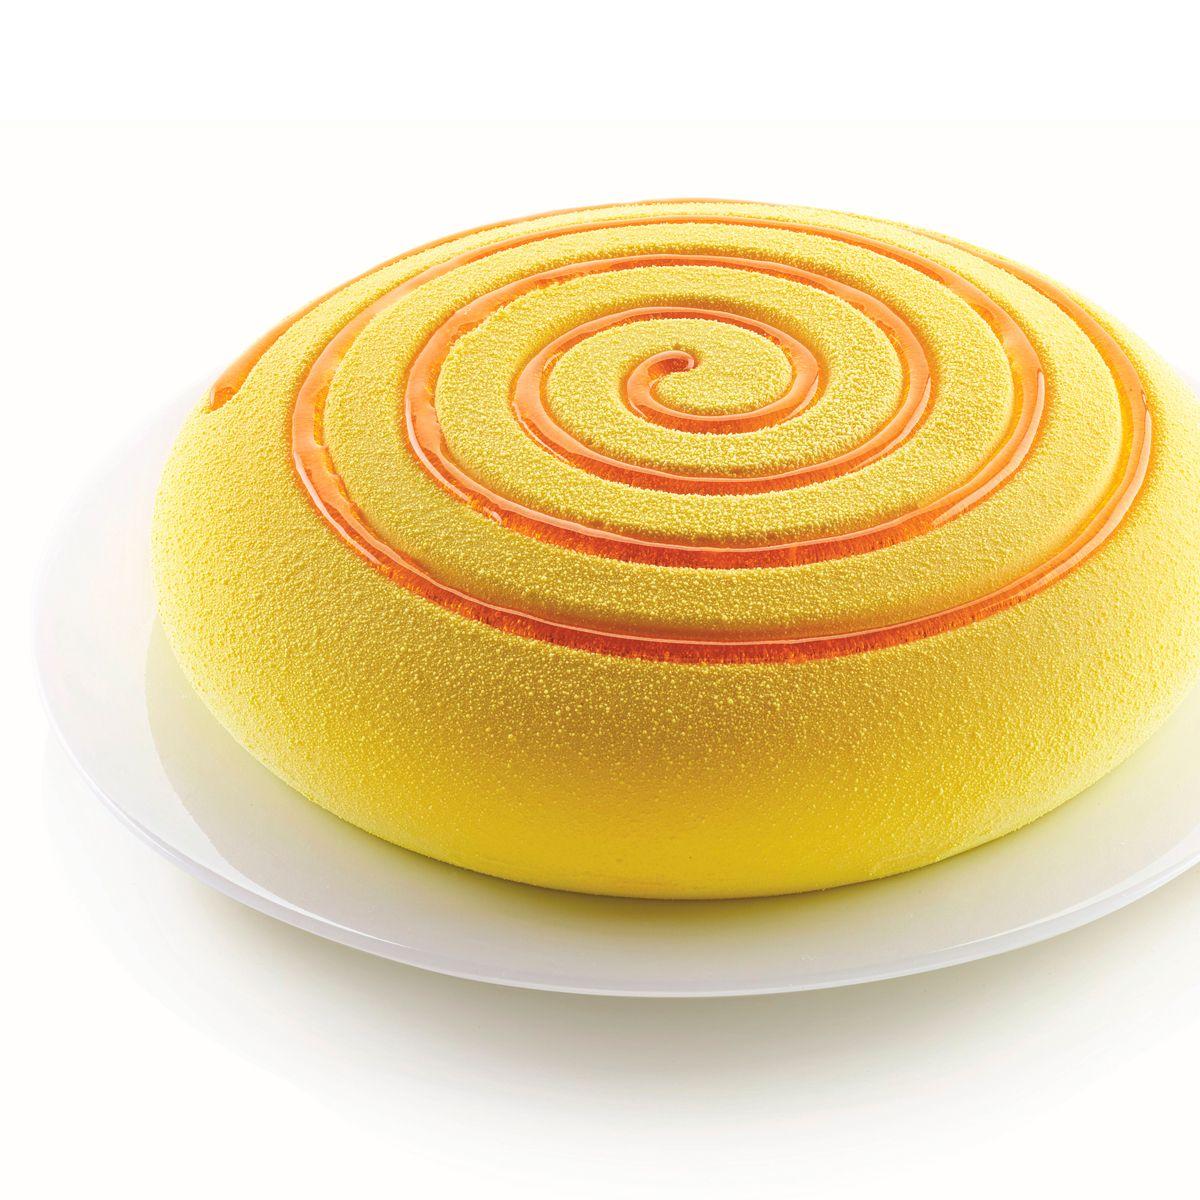 Moule de cuisson en silicone - Girotondo